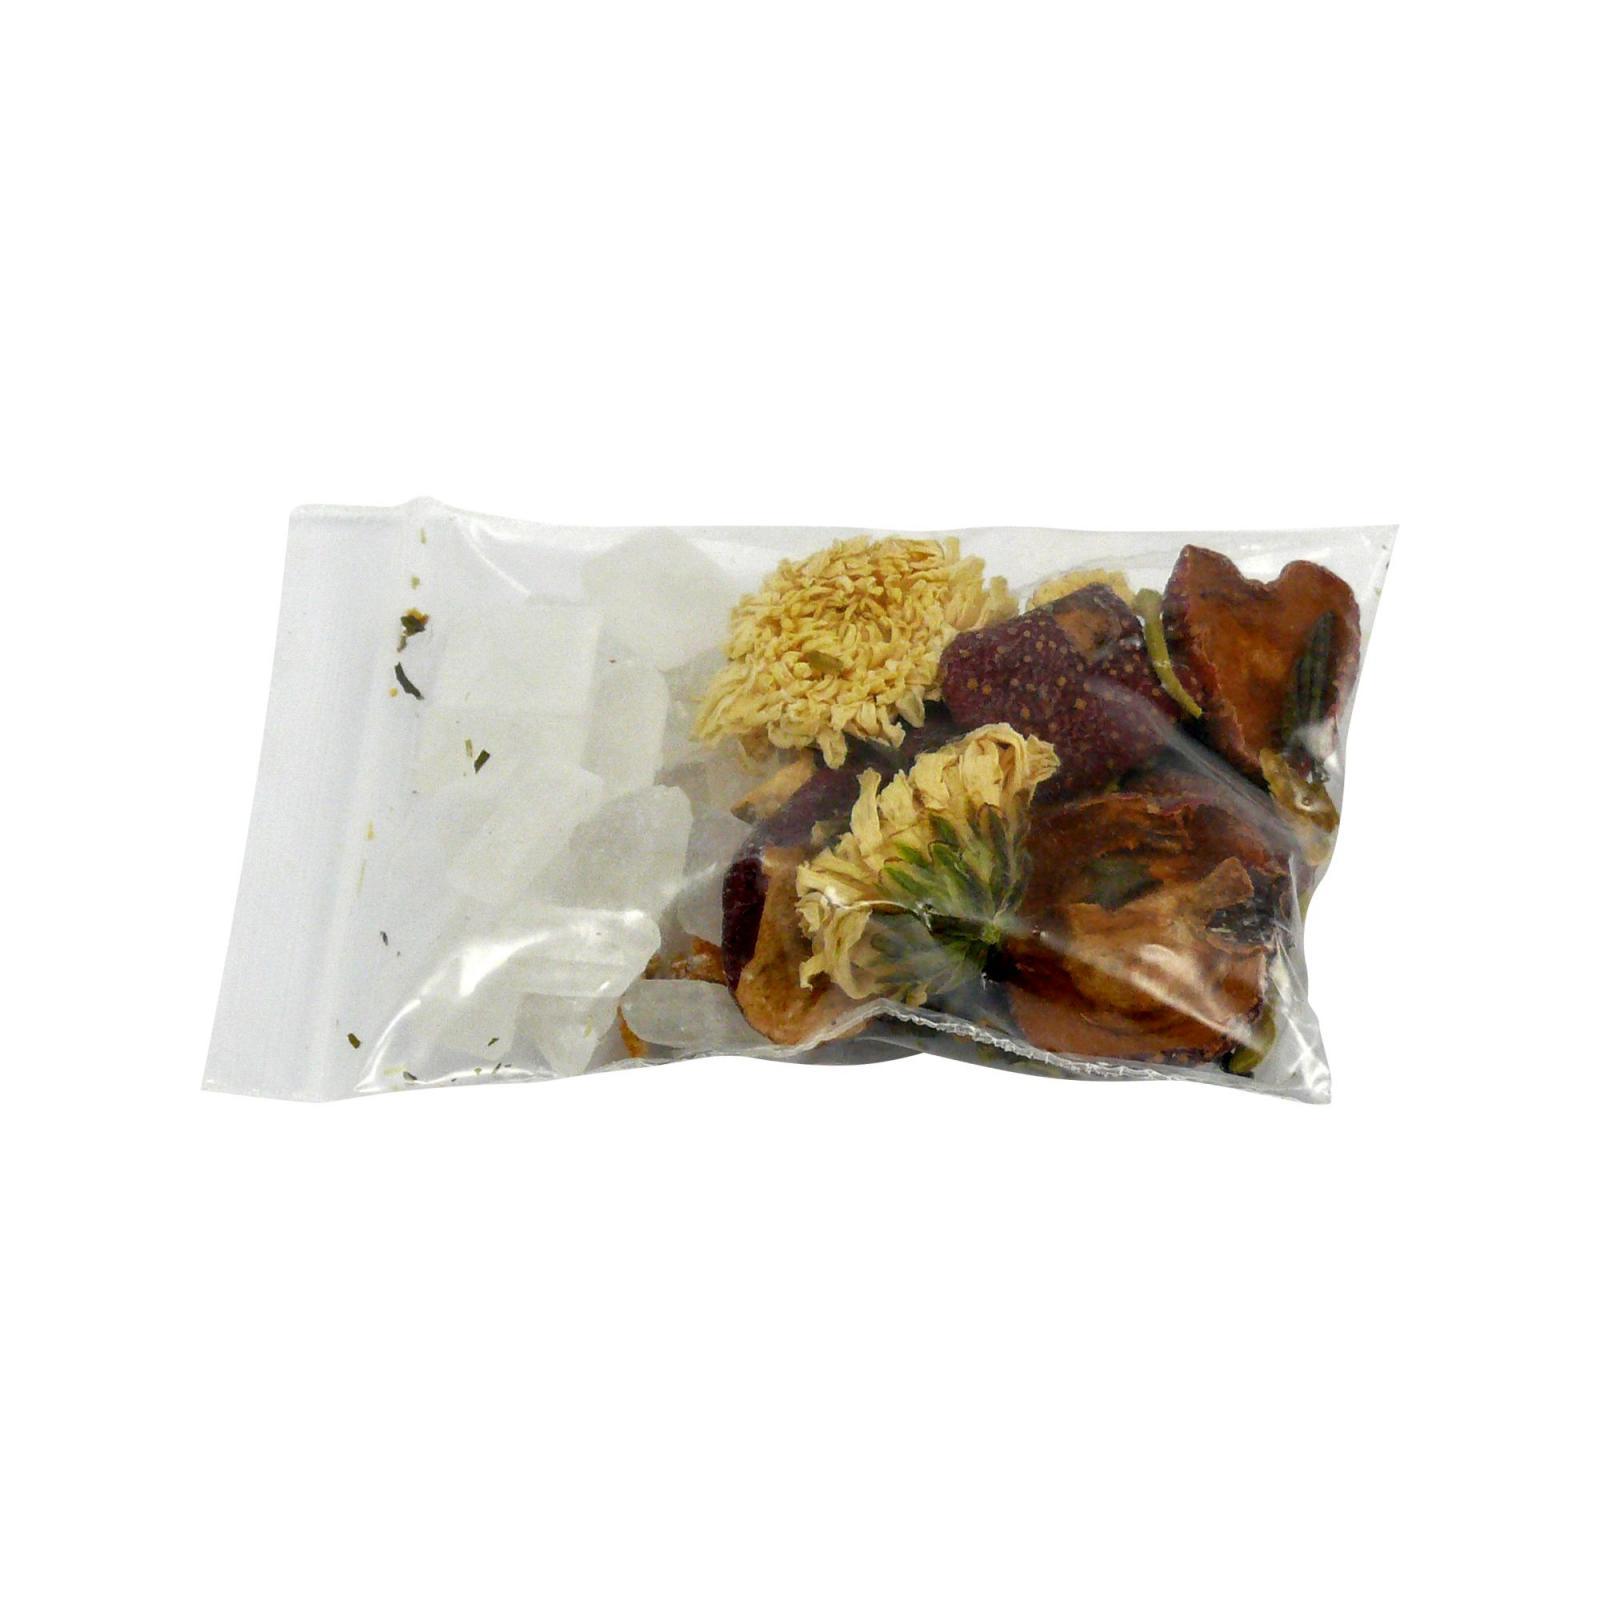 TeaTao Nápoj osmi pokladů Ba Bao Cha tradiční 1 ks, 10 g